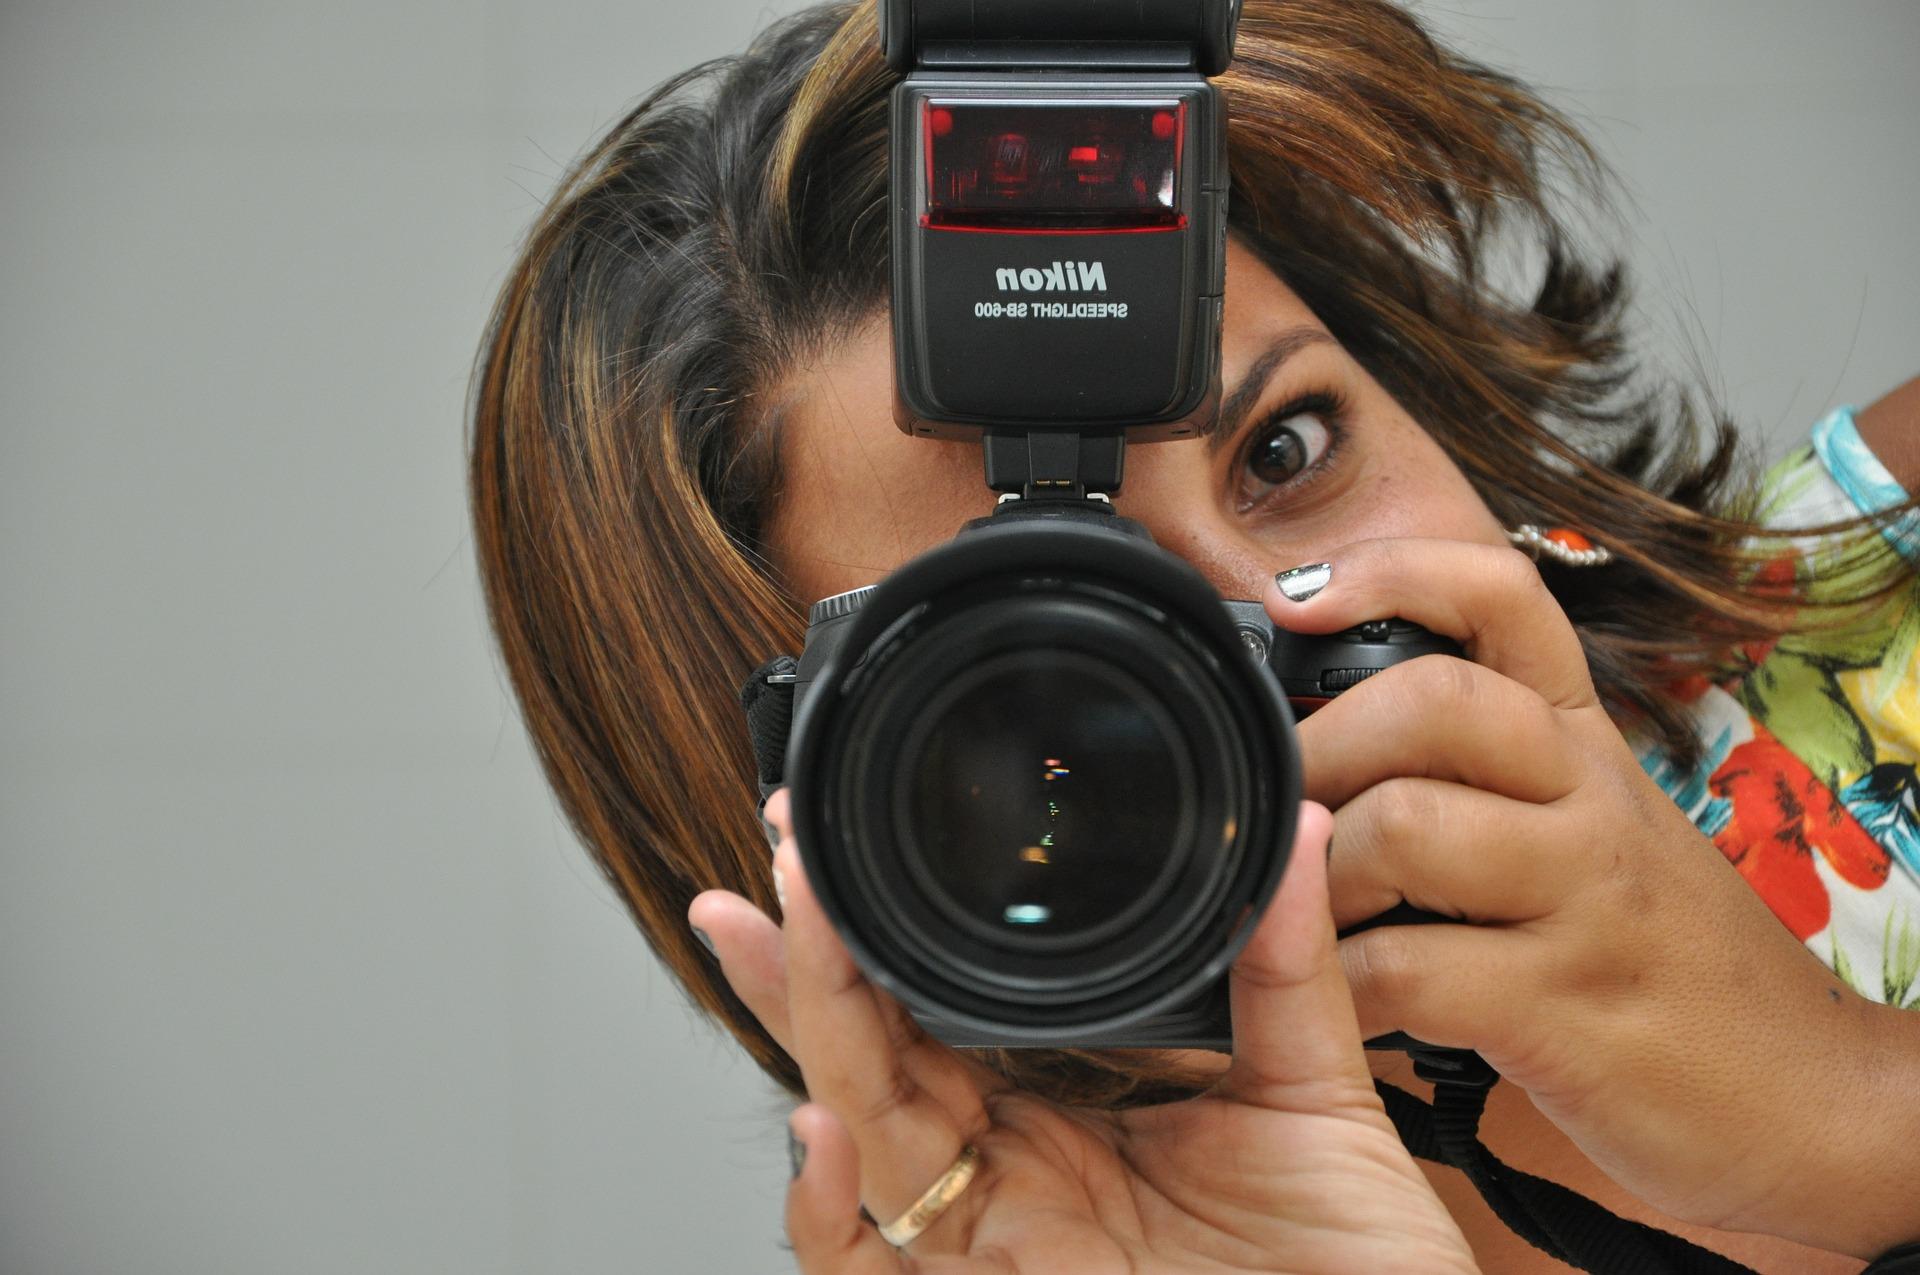 žena s foťákem